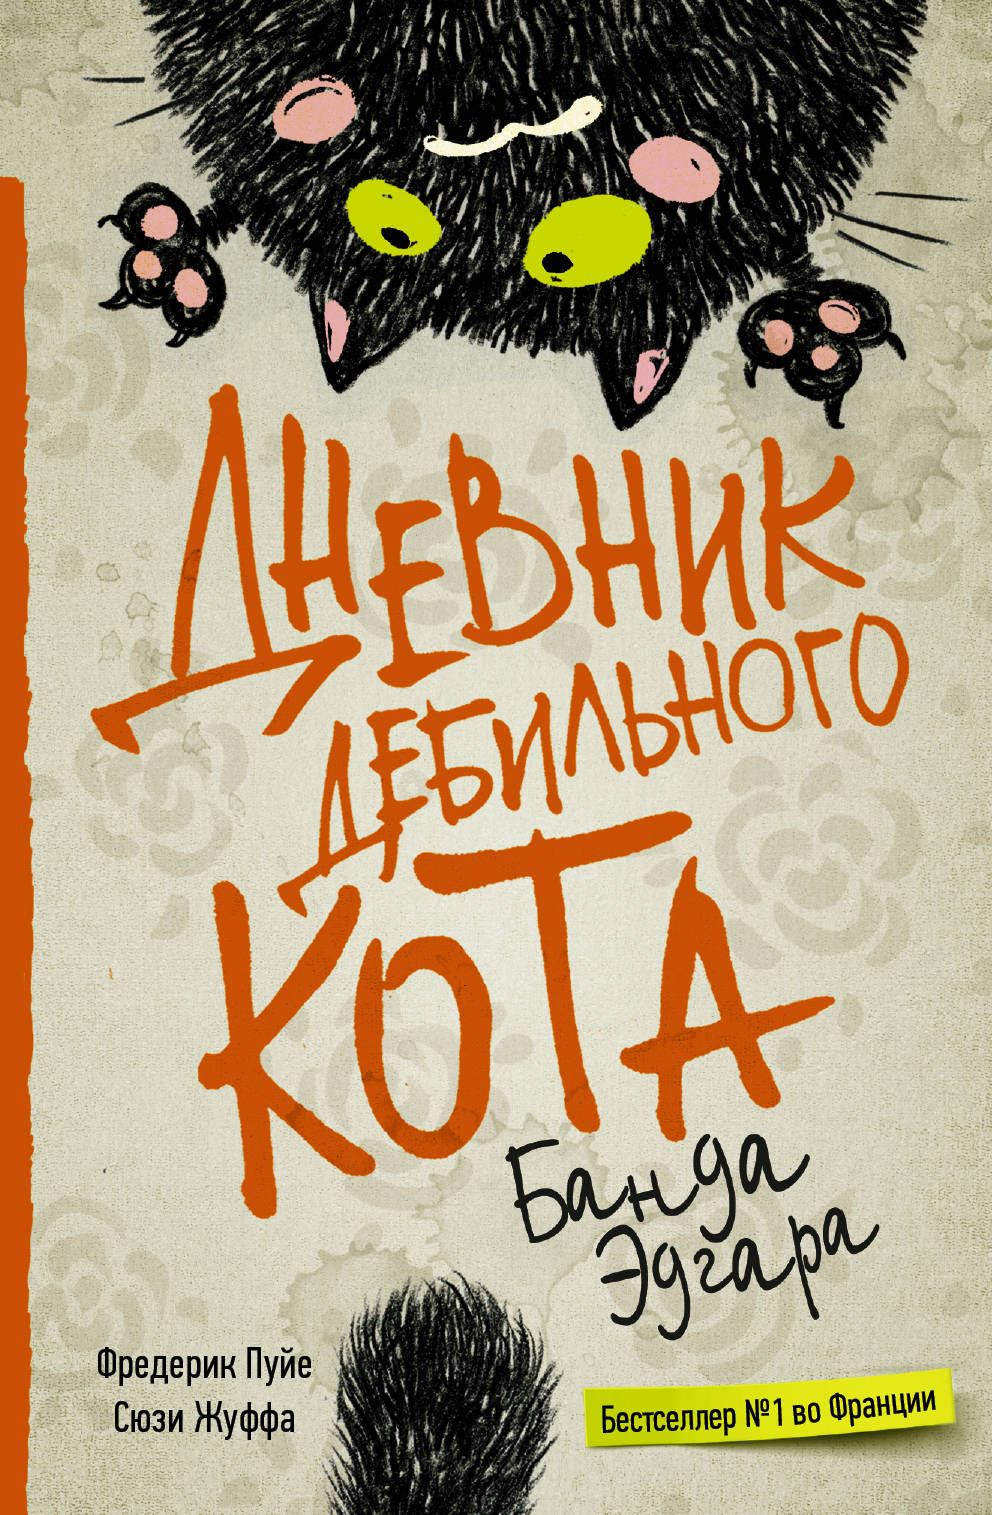 «Дневник дебильного кота. Банда Эдгара» Фредерик Пуйе, Сюзи Жуффа